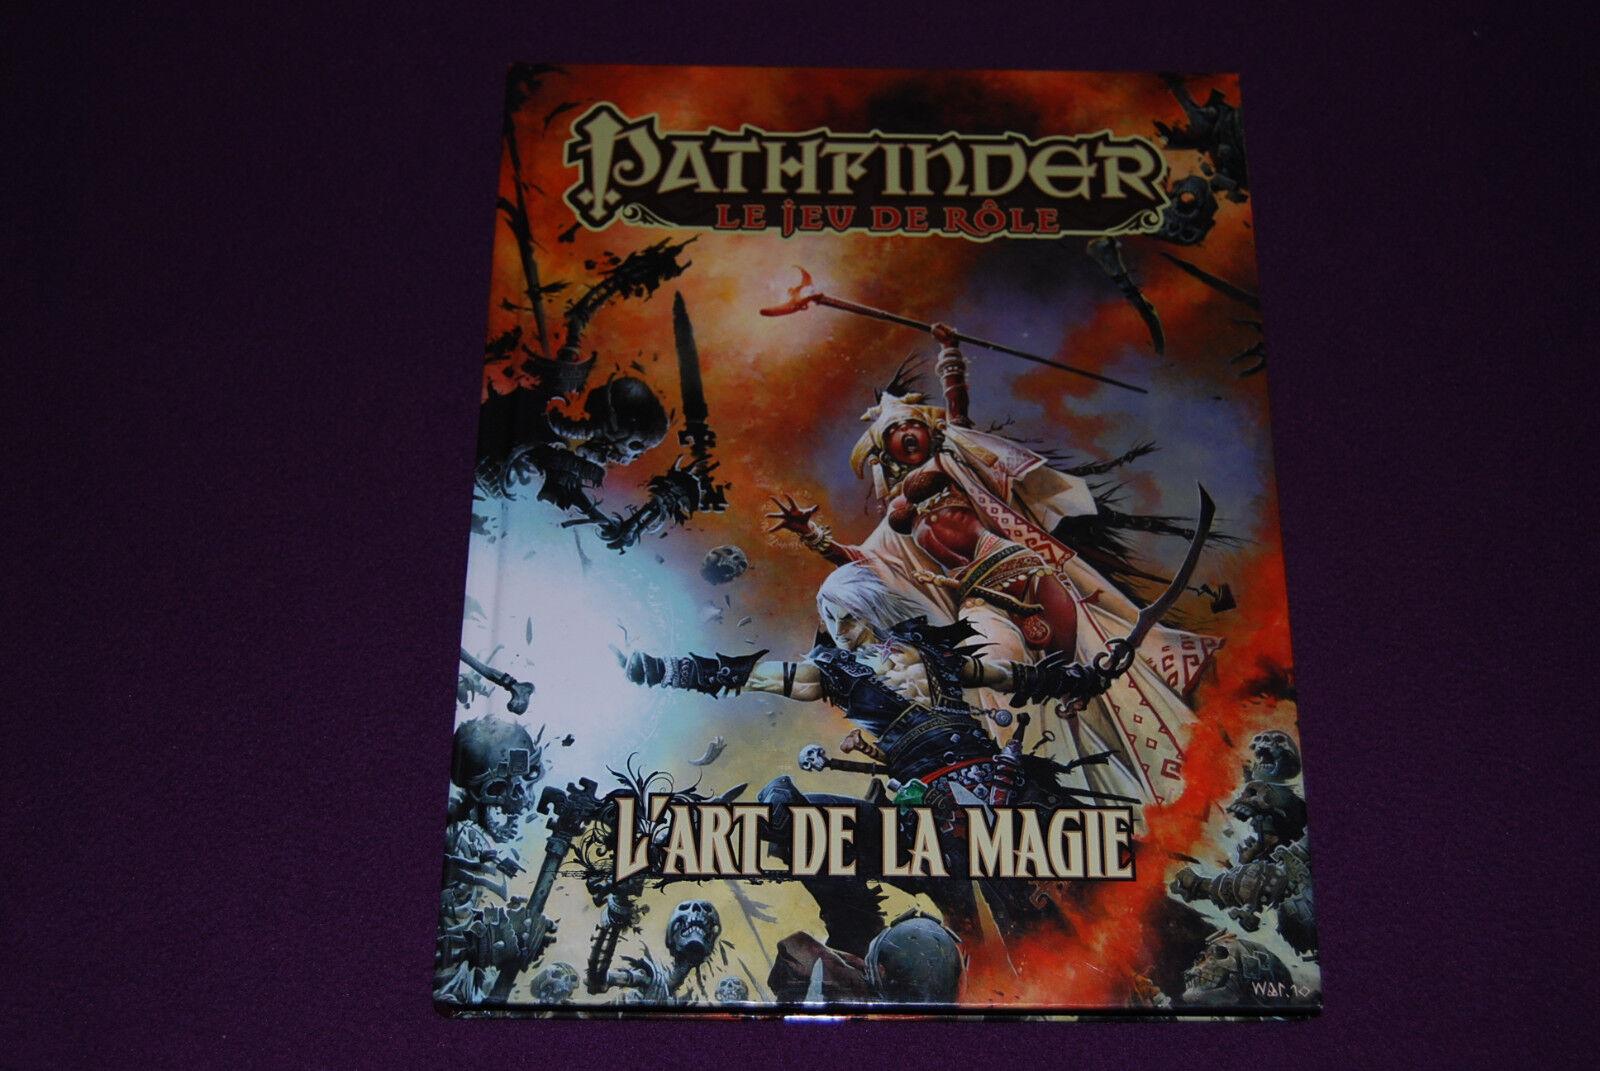 Pathfinder jdr jeu de rolle - l 'art de la magie